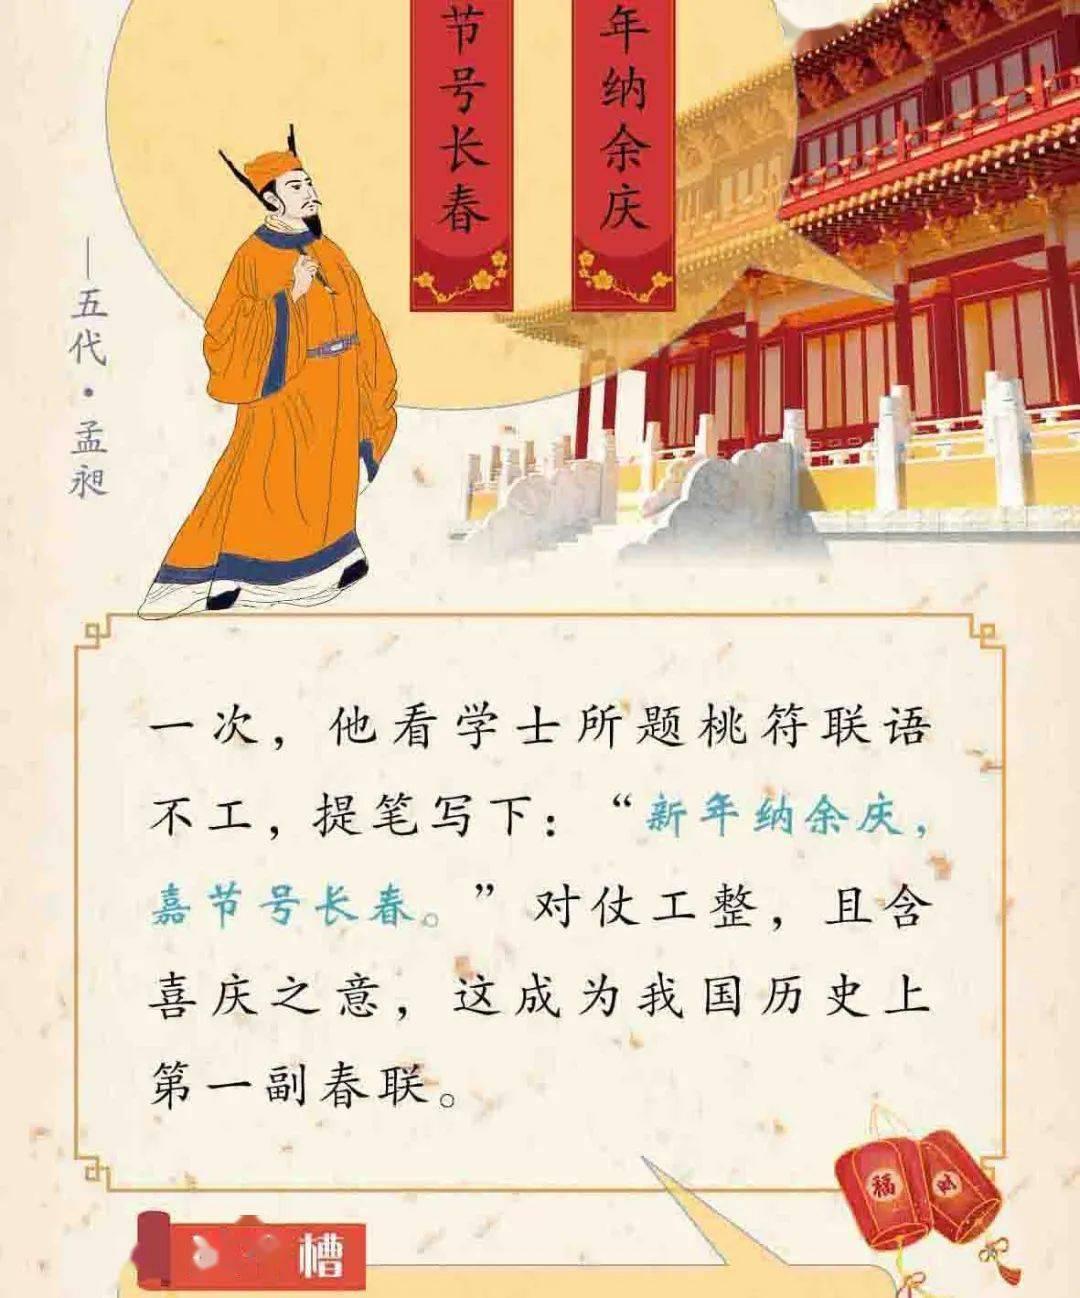 长图丨就地过年,古代诗人秀出新花样  第6张